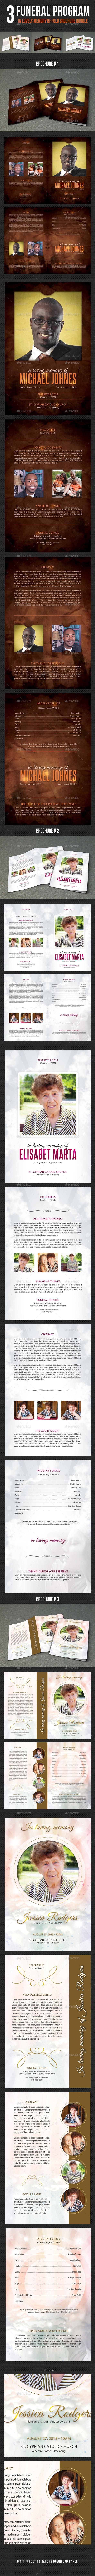 3 in 1 Funeral Program Brochure Bundle - Informational Brochures